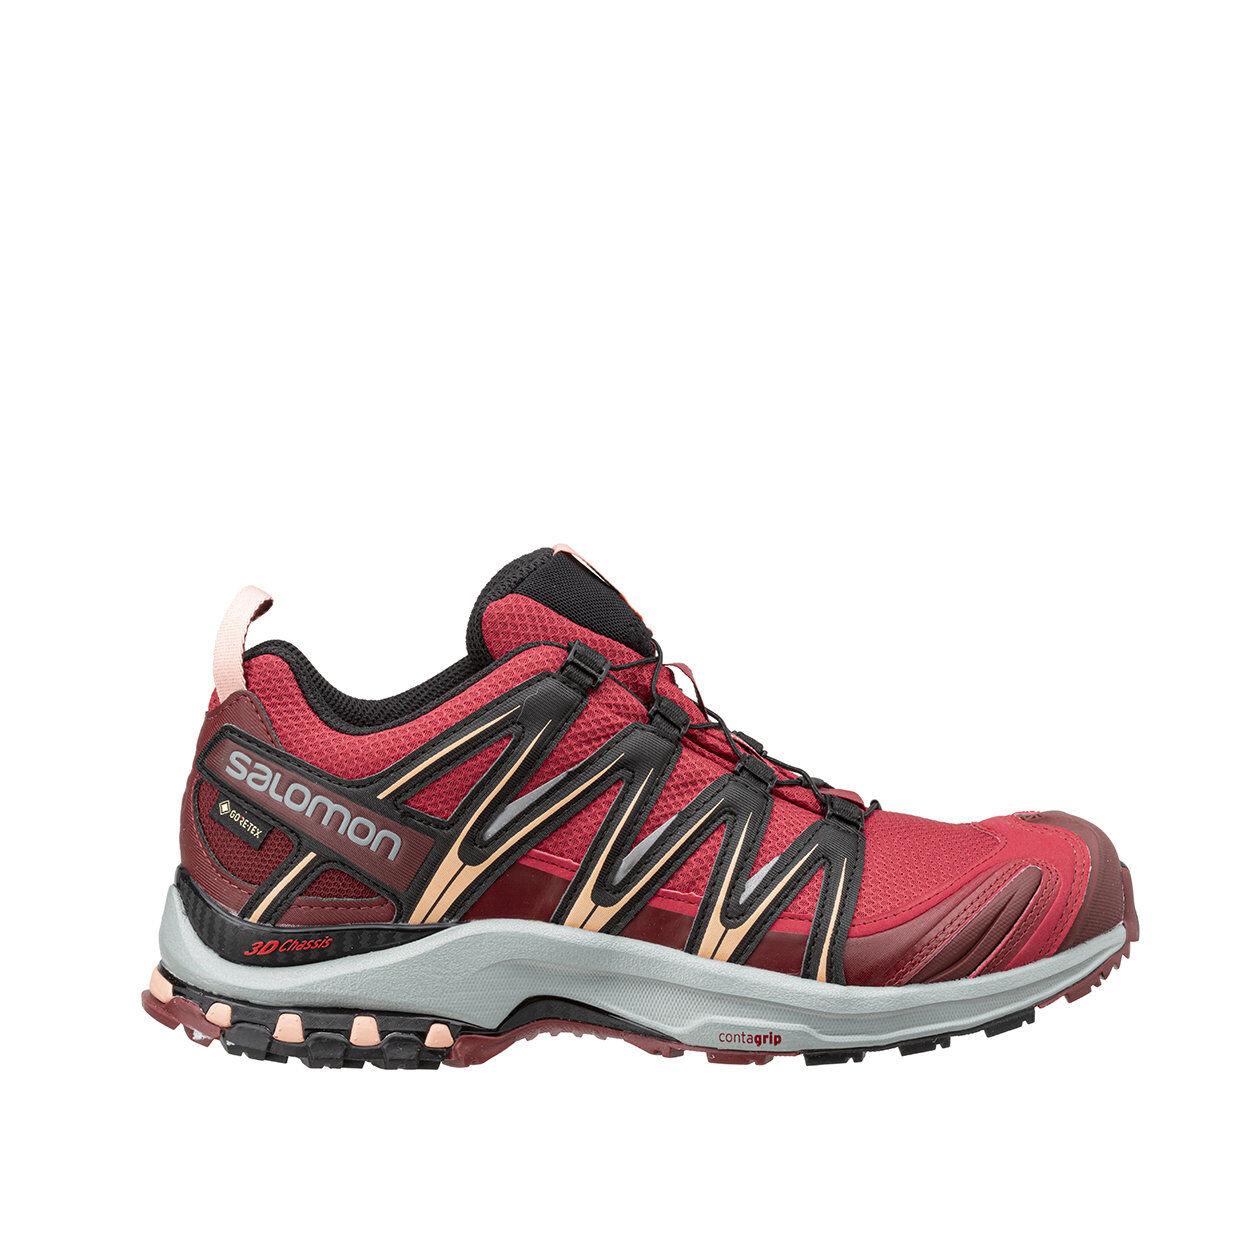 salomon xa pro 3d gtx - scarpe trail running rosso corallo